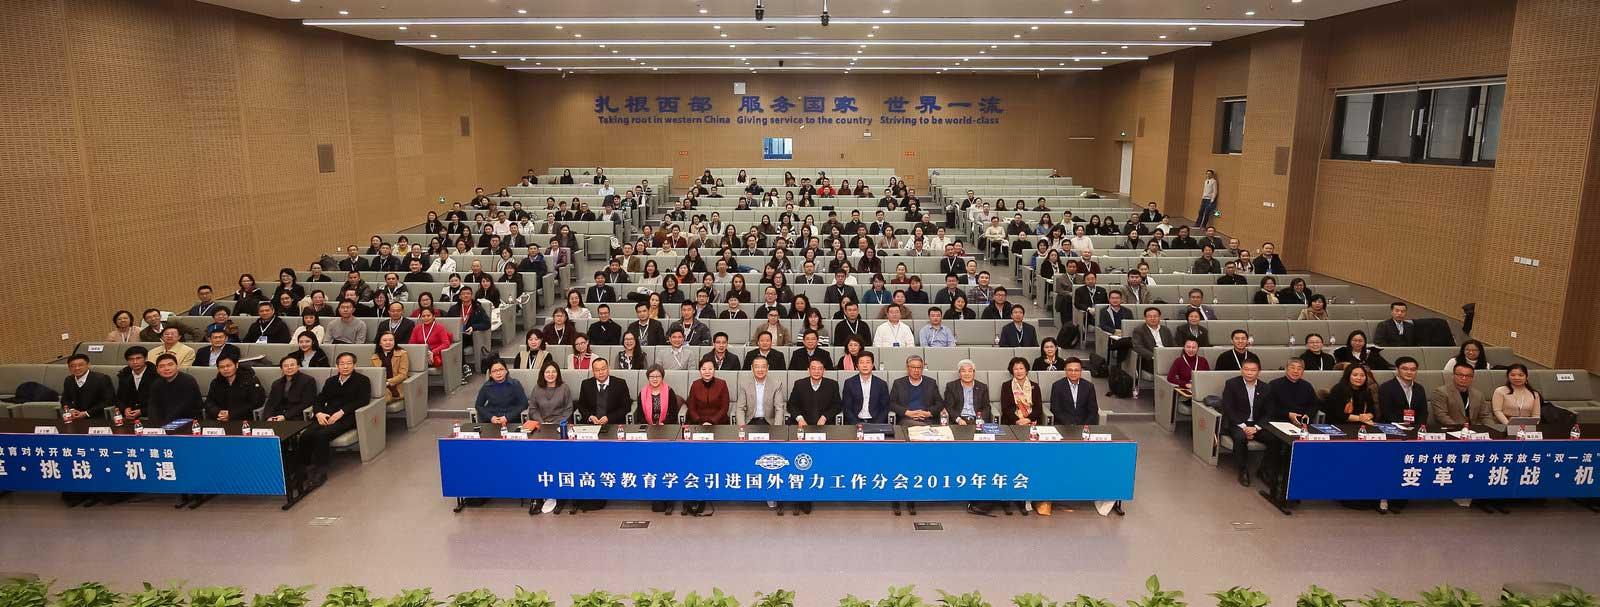 """聚焦新时代教育对外开放与""""双一流""""建设 中国高等教育学会引智分会2019年年会在创新港召开"""